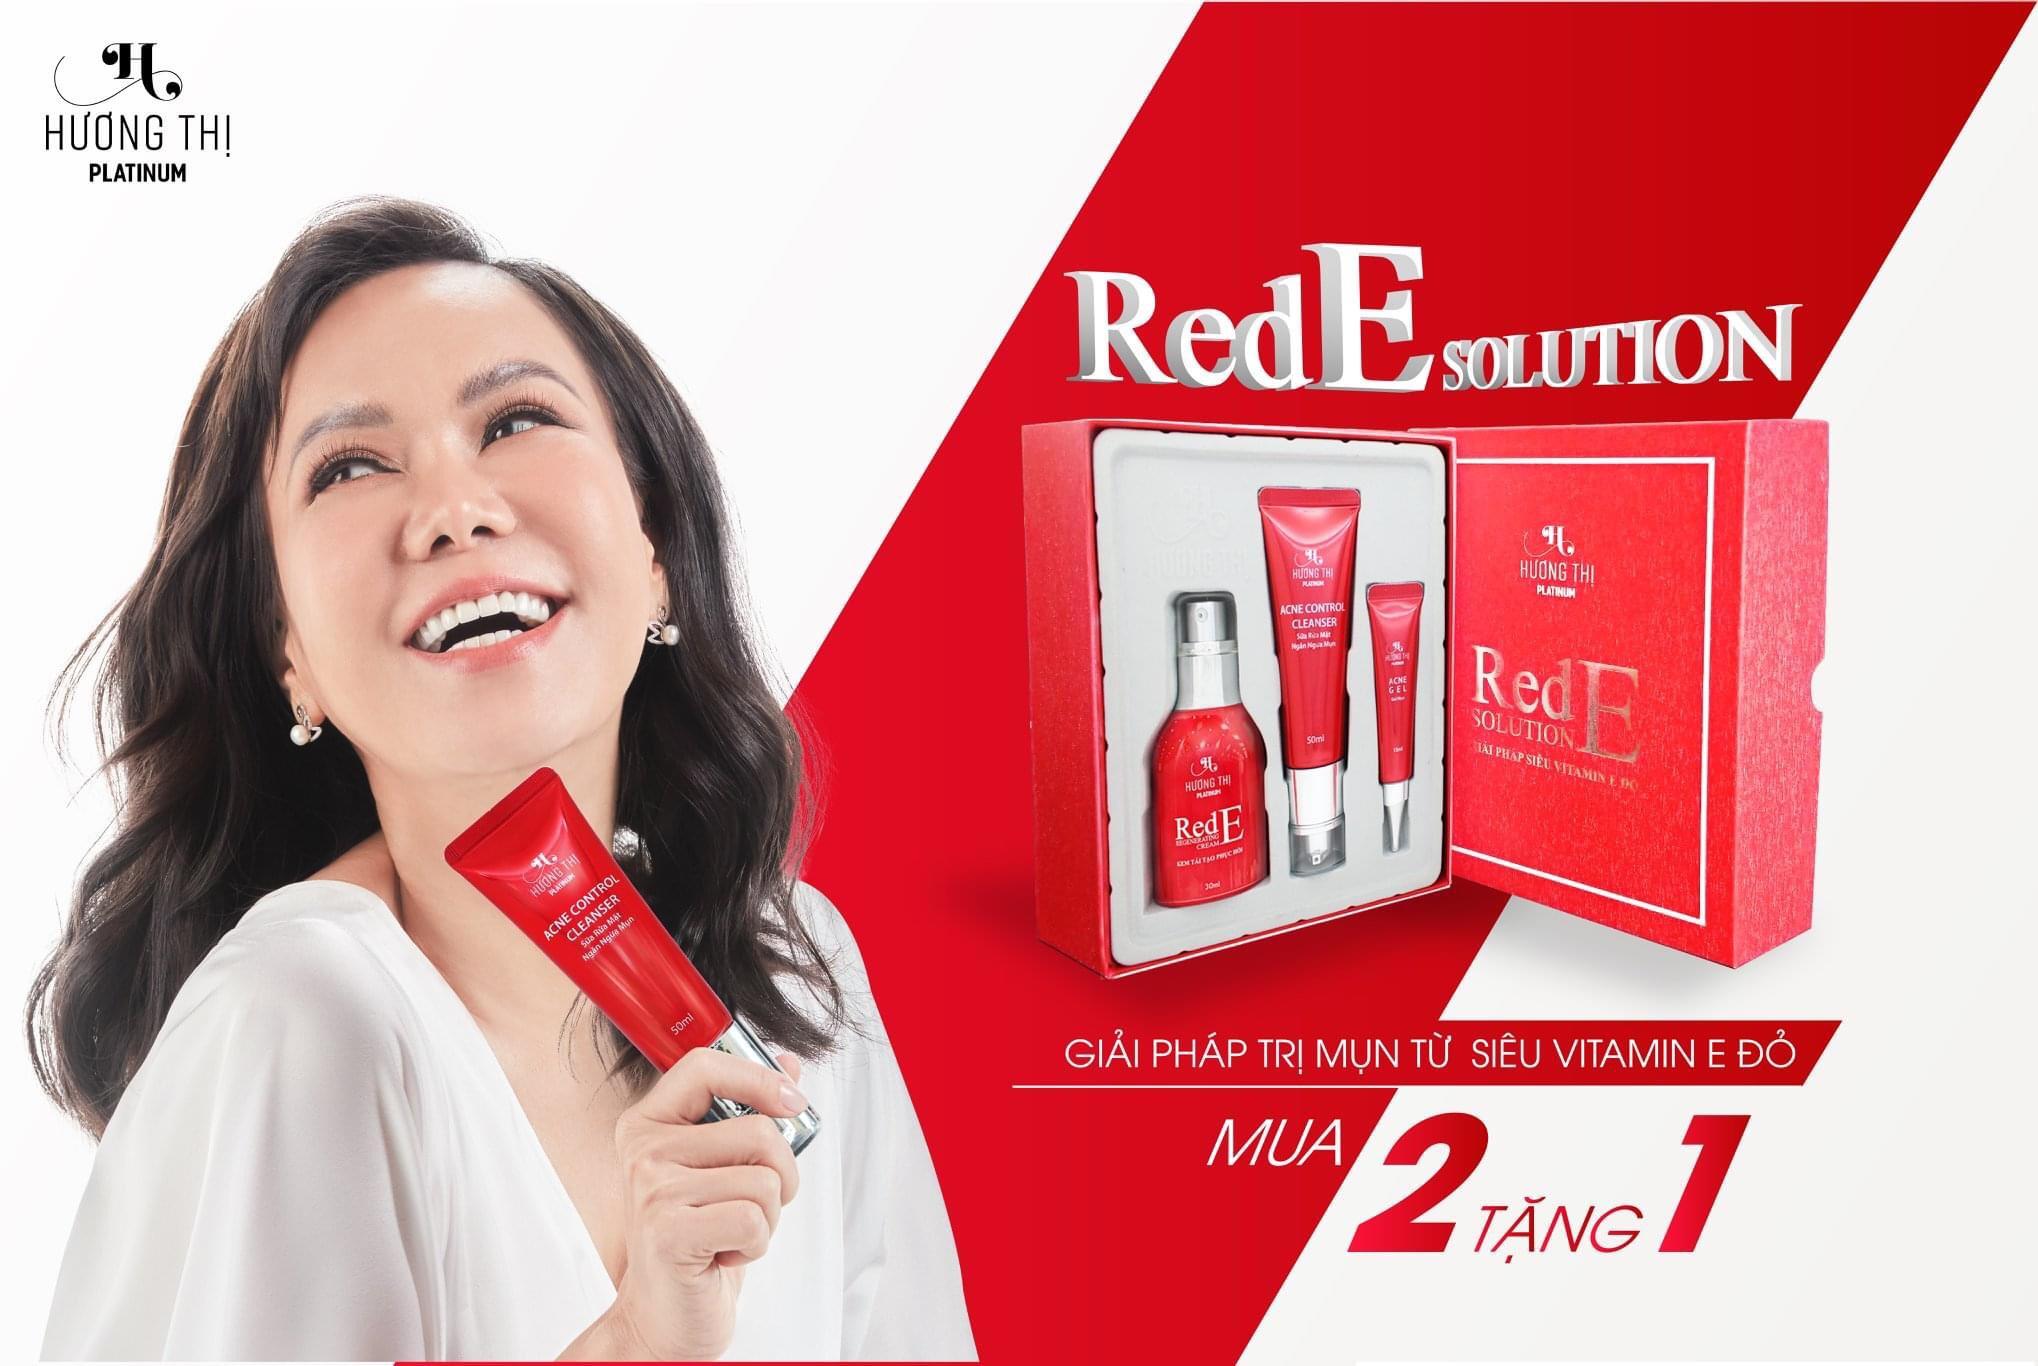 Bộ trị mụn Red E Hương Thị có tốt không?